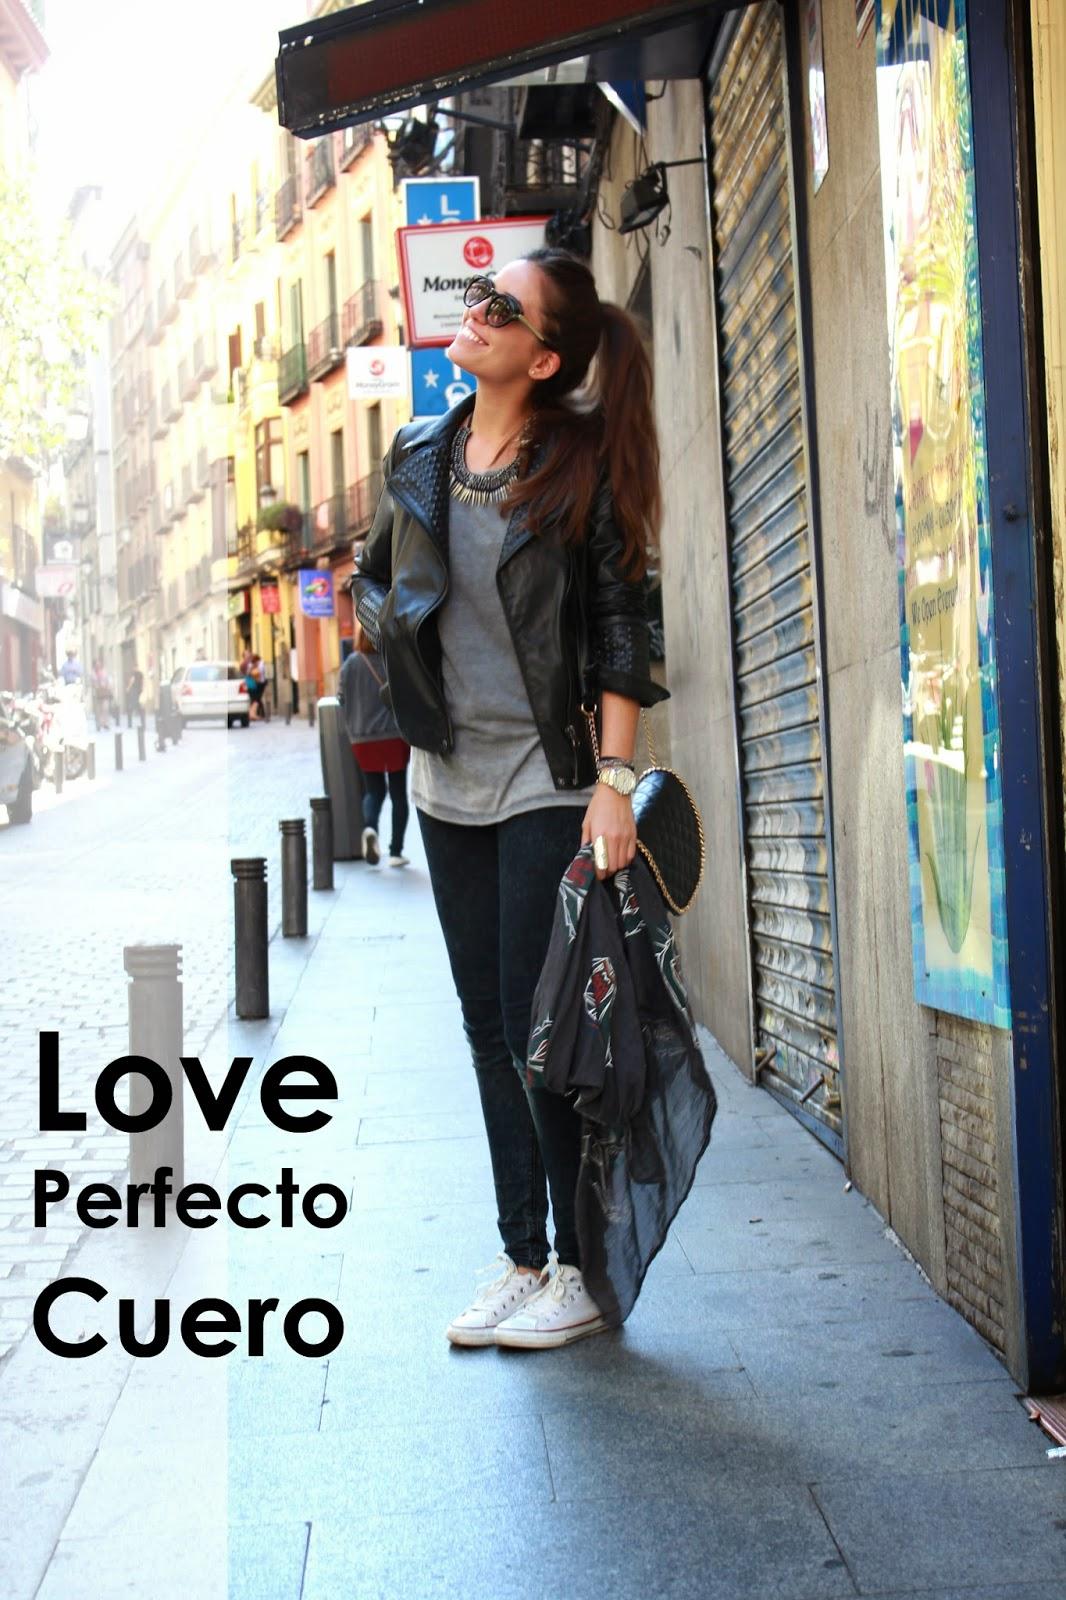 DEFINITELY FASHION Amor por el Perfecto de Cuero